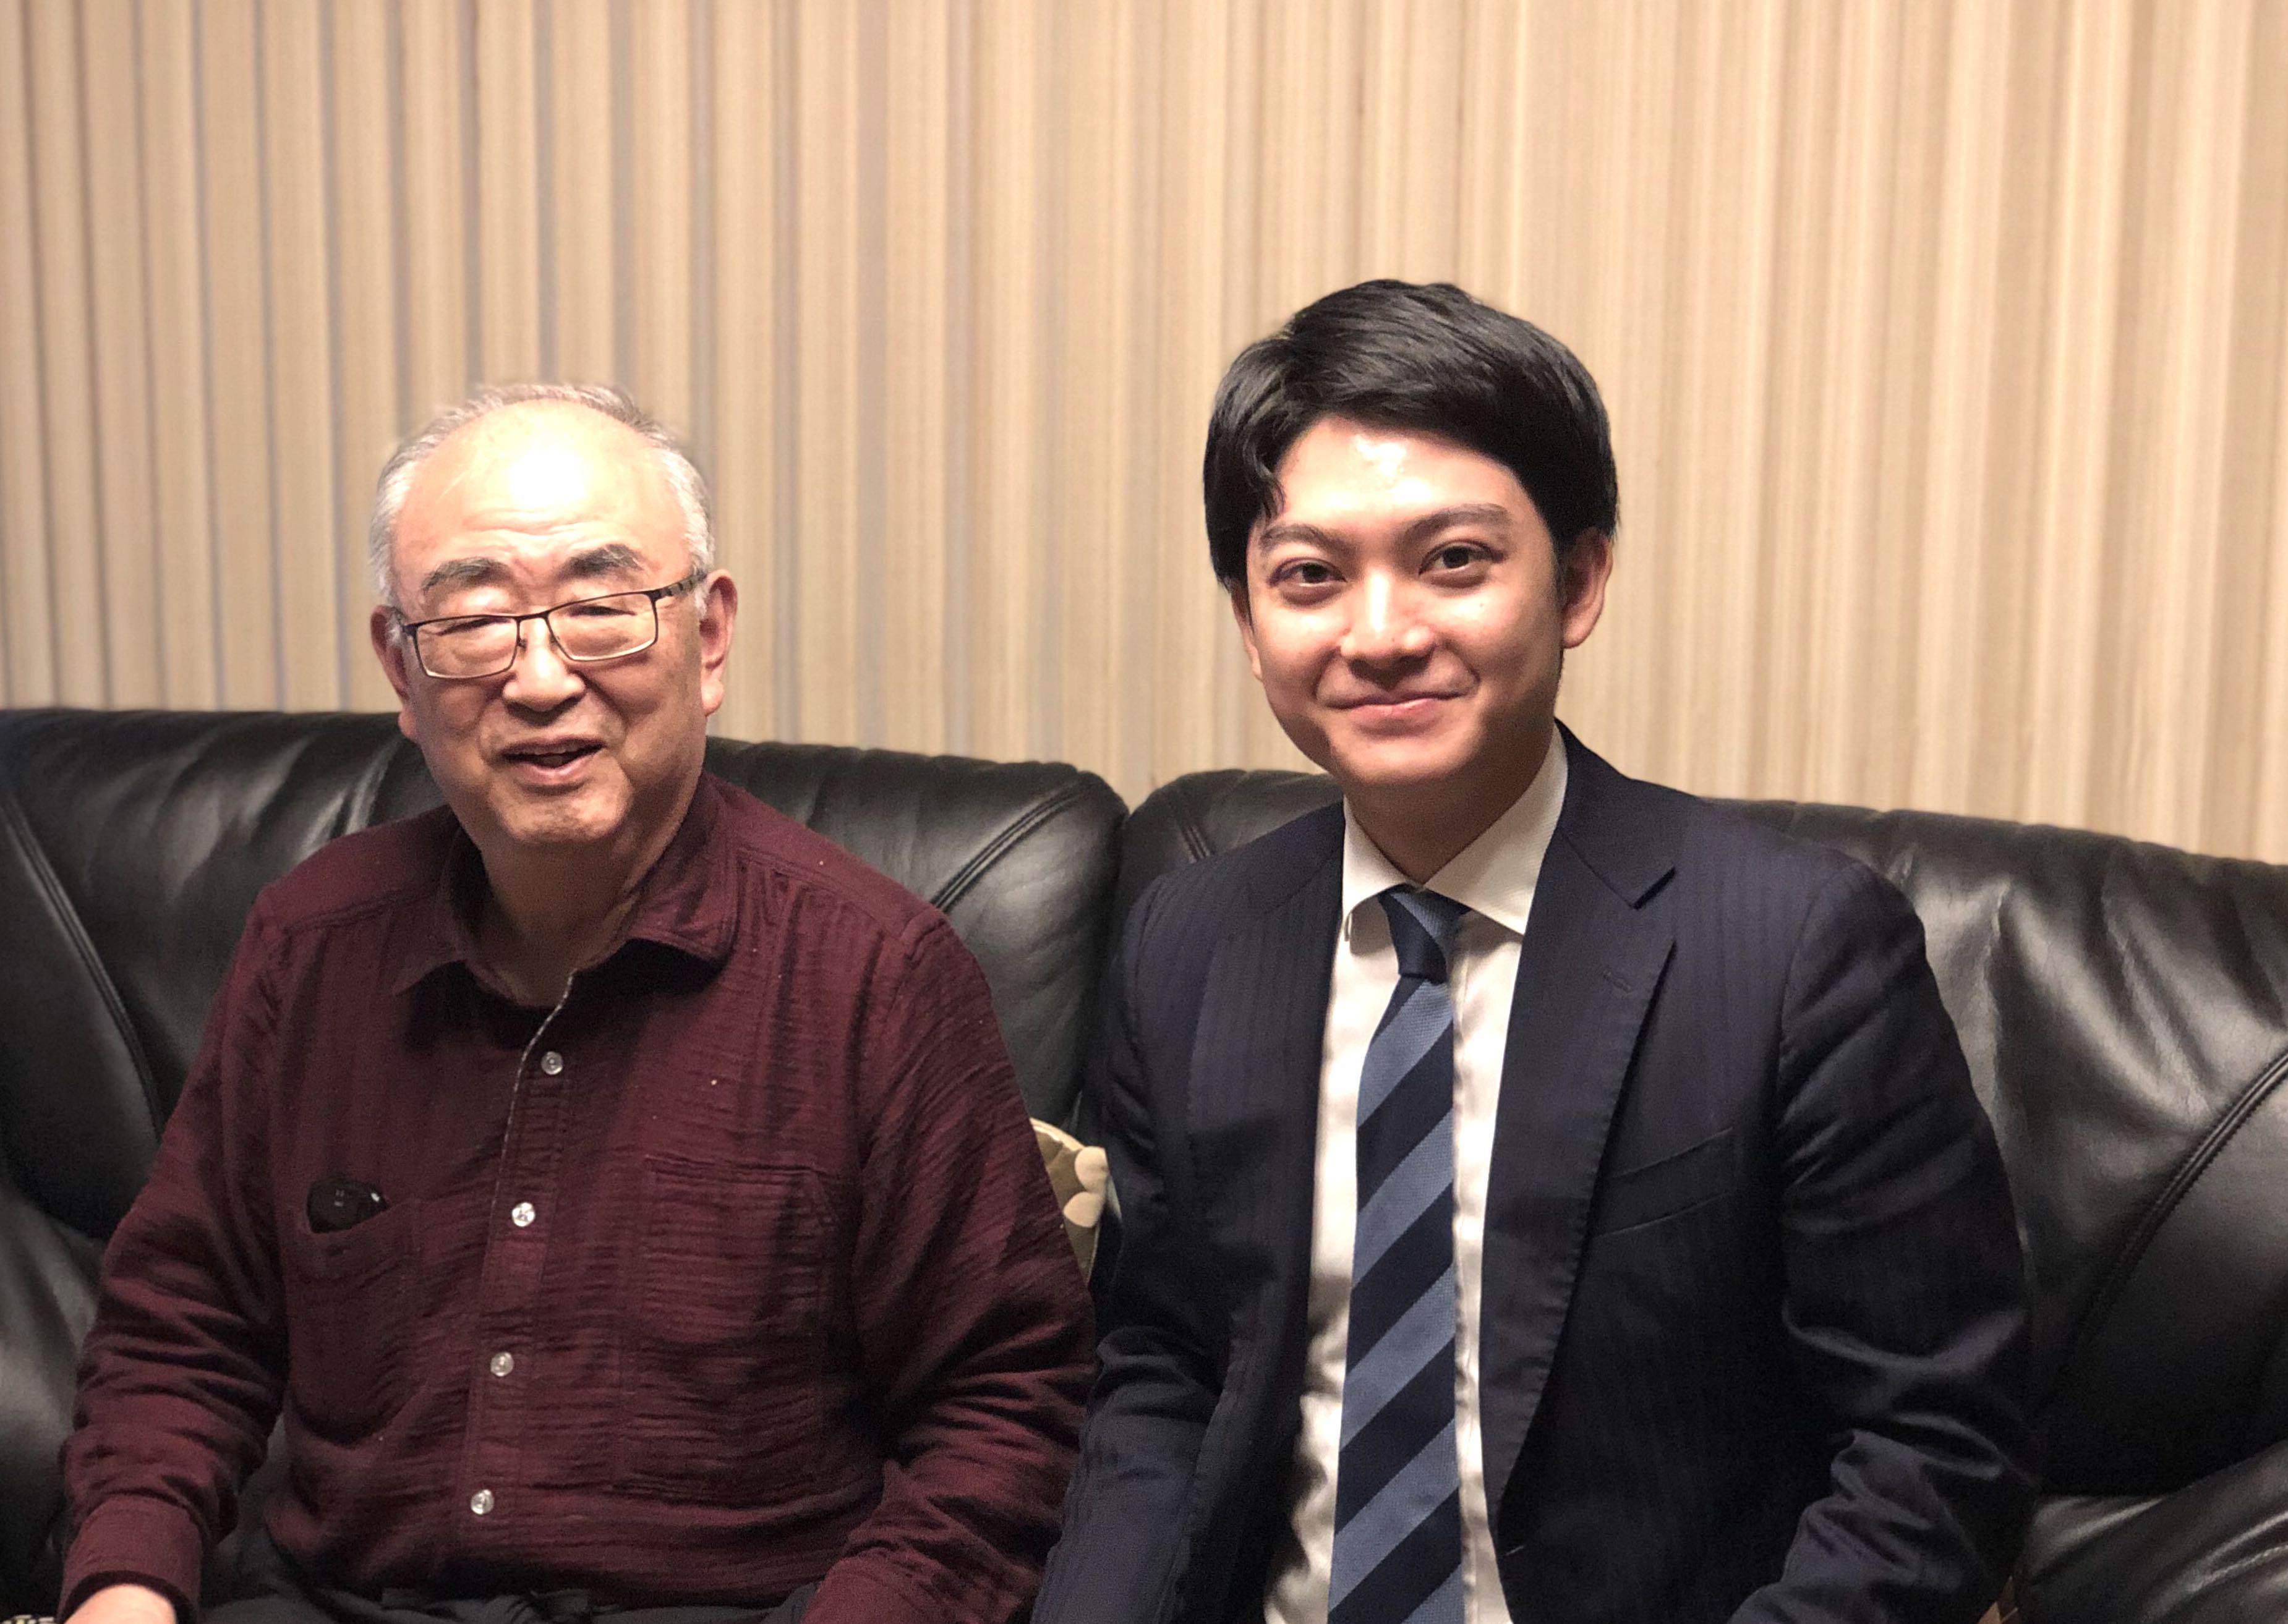 【対談シリーズ】「交通心理学」とは — 大阪大学名誉教授長山先生にイ…